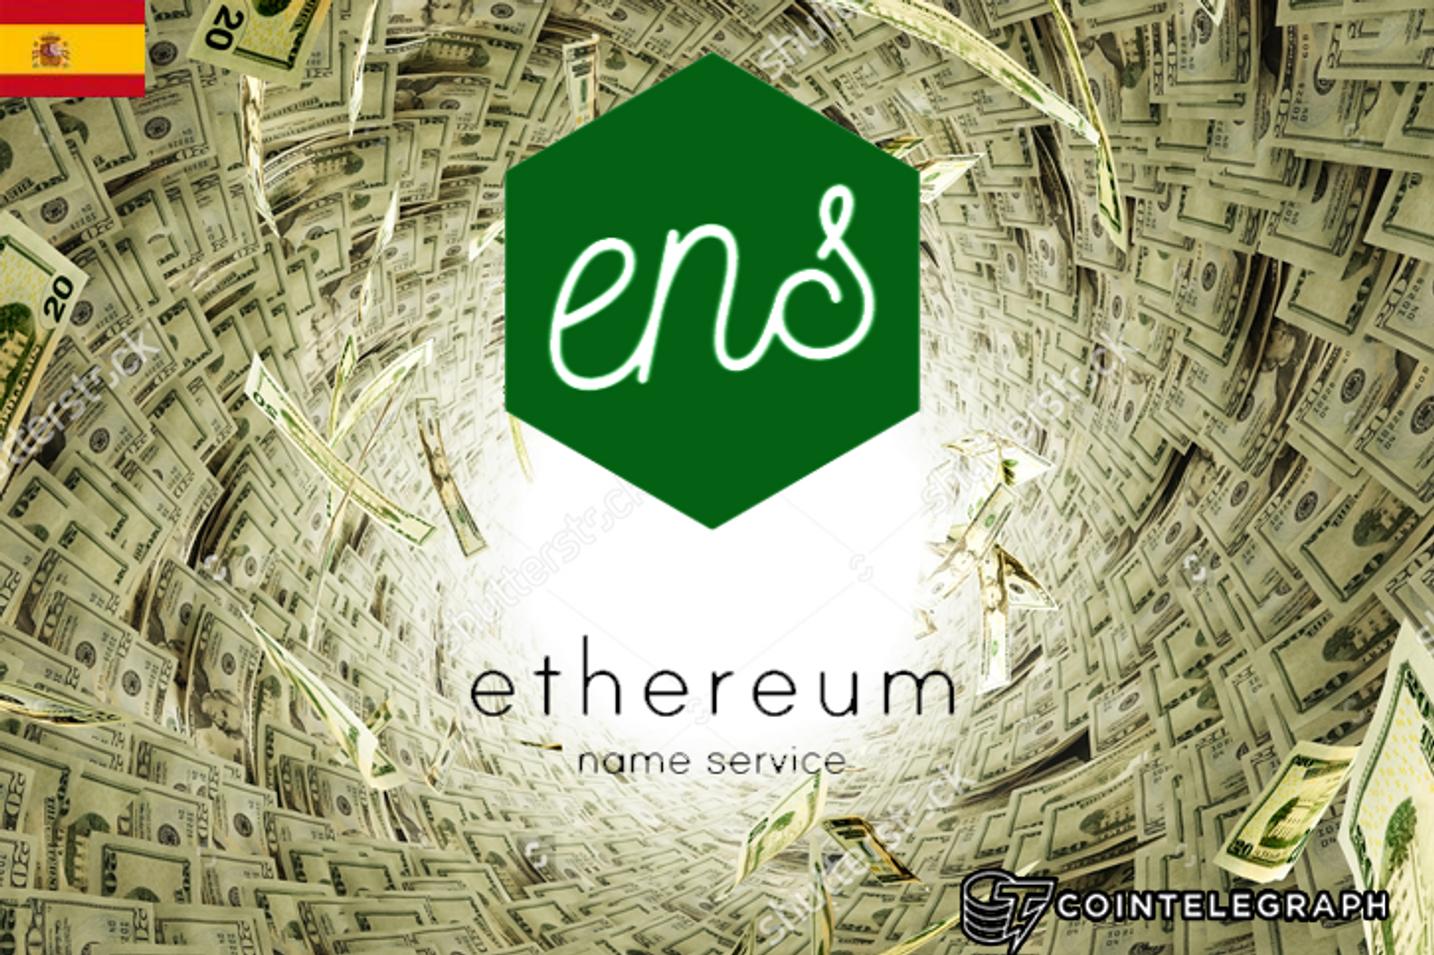 $2.6 millones en ofertas por un nombre de dominio Ethereum, $13.5 millones en total